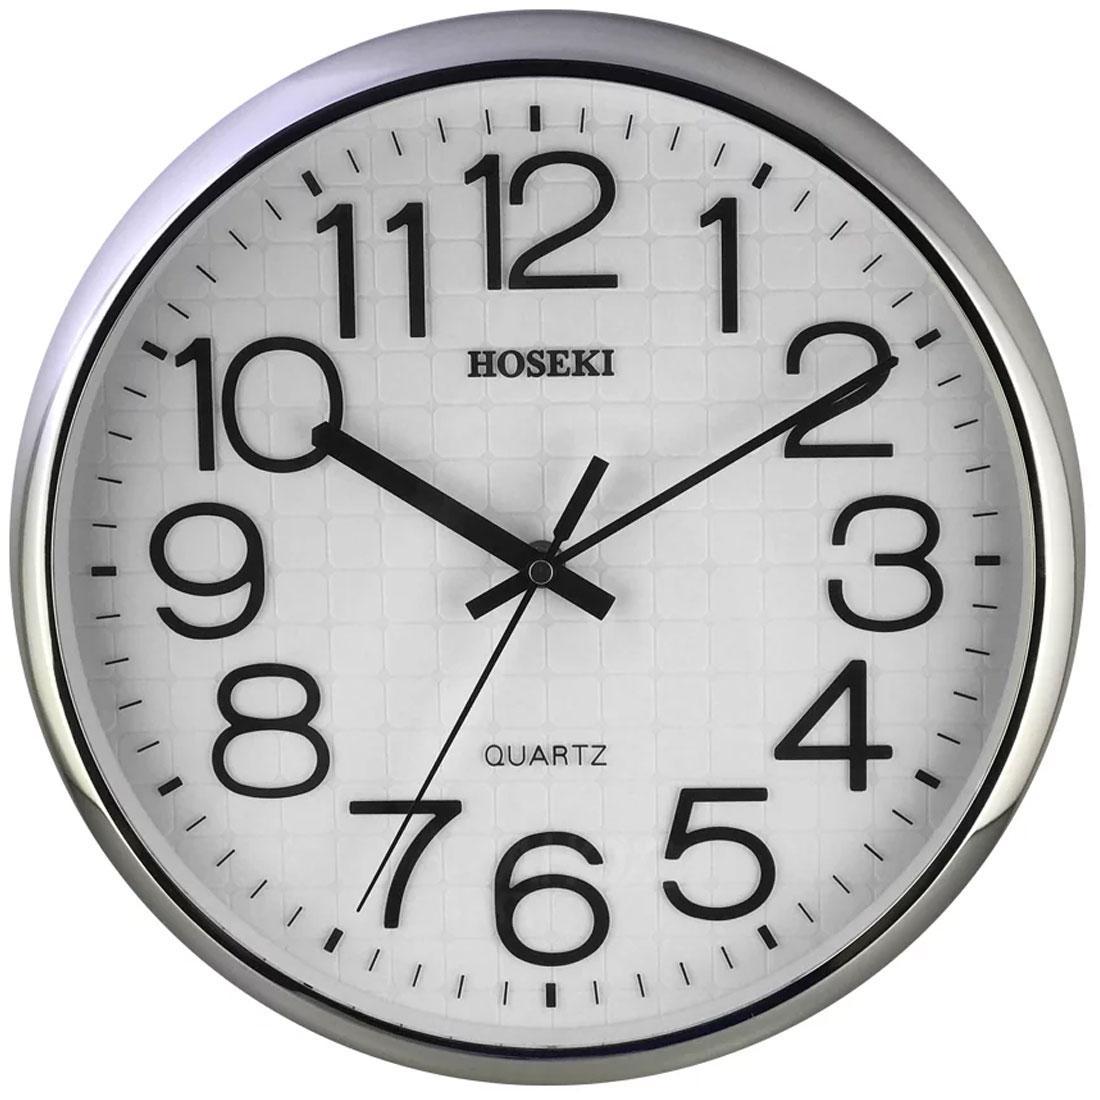 Hoseki Quartz H-9404 H-9404S Sivler Chrome Analog Round Wall Clock